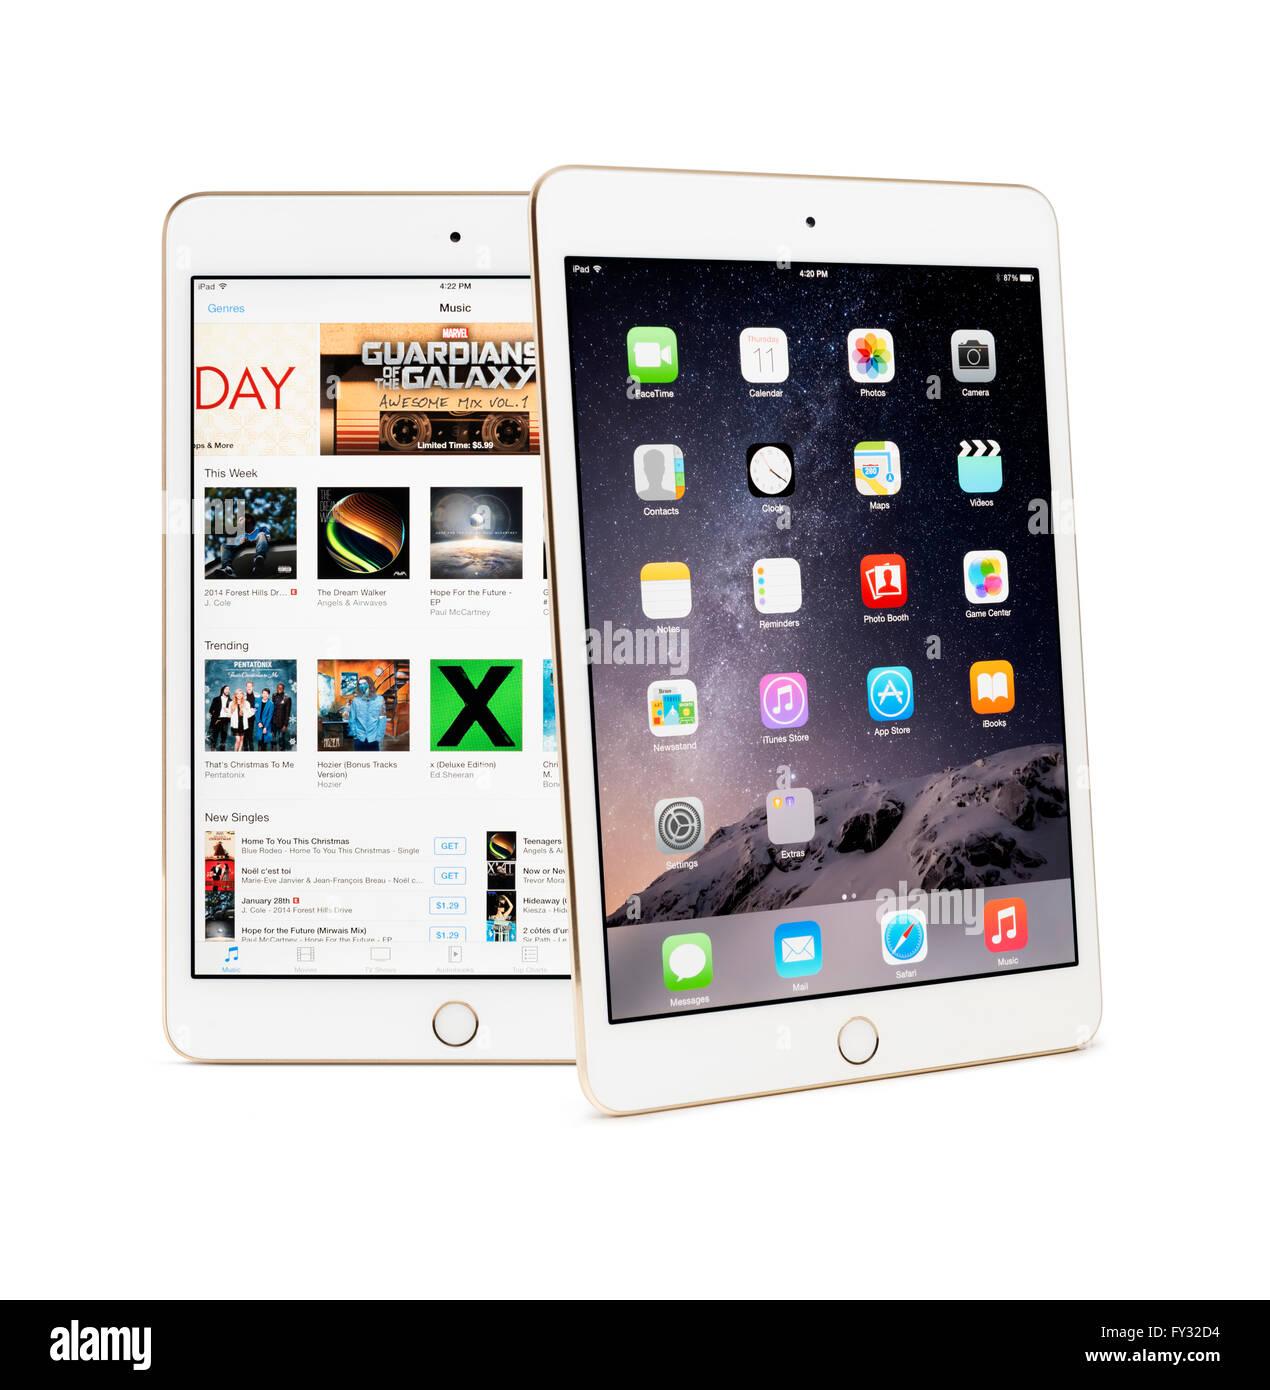 Dos Apple iPad Mini 3 tabletas con escritorio y iTunes Store en sus pantallas Imagen De Stock